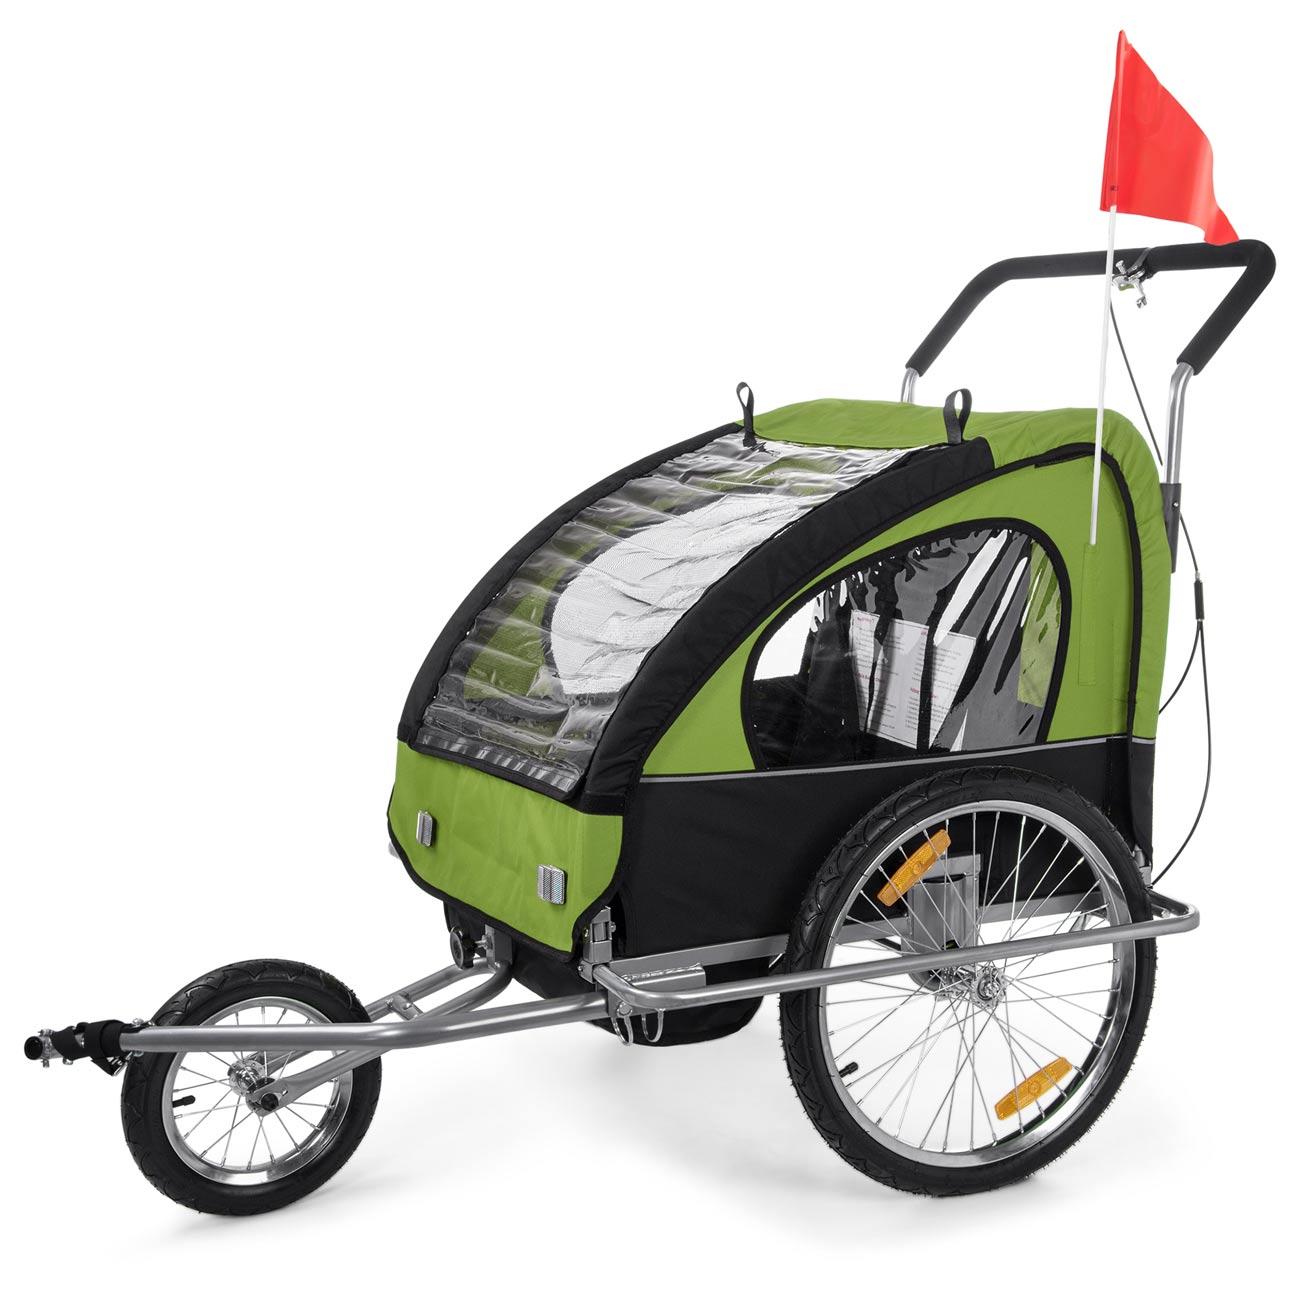 jogger fahrradanh nger 2in1 kinderanh nger fahrrad. Black Bedroom Furniture Sets. Home Design Ideas